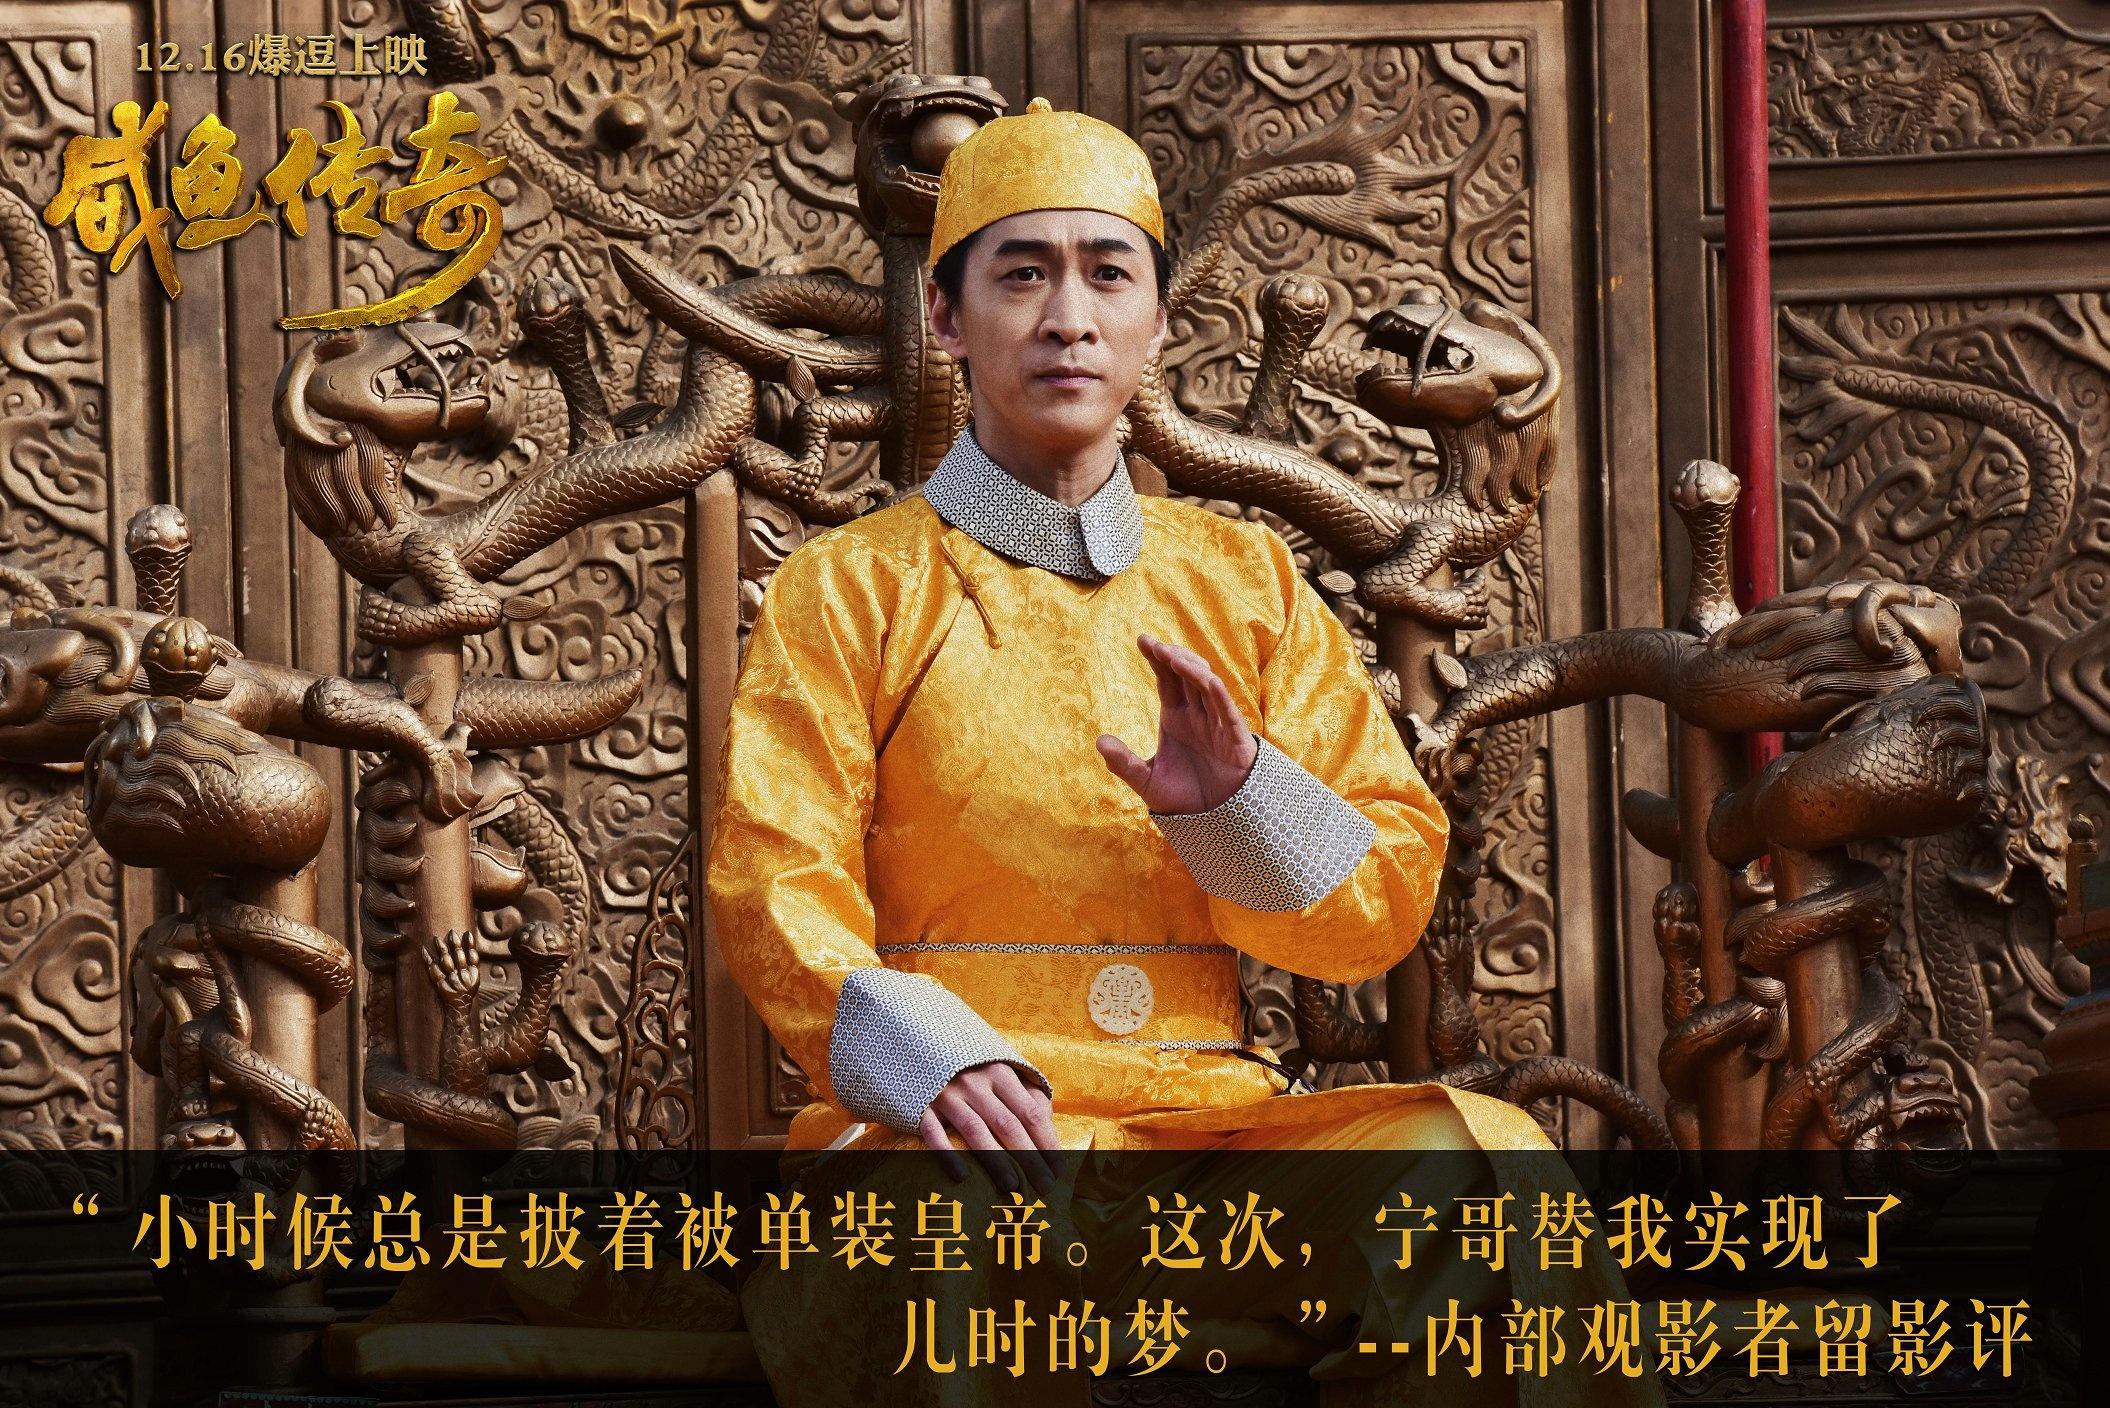 咸鱼传奇_电影剧照_图集_电影网_1905.com